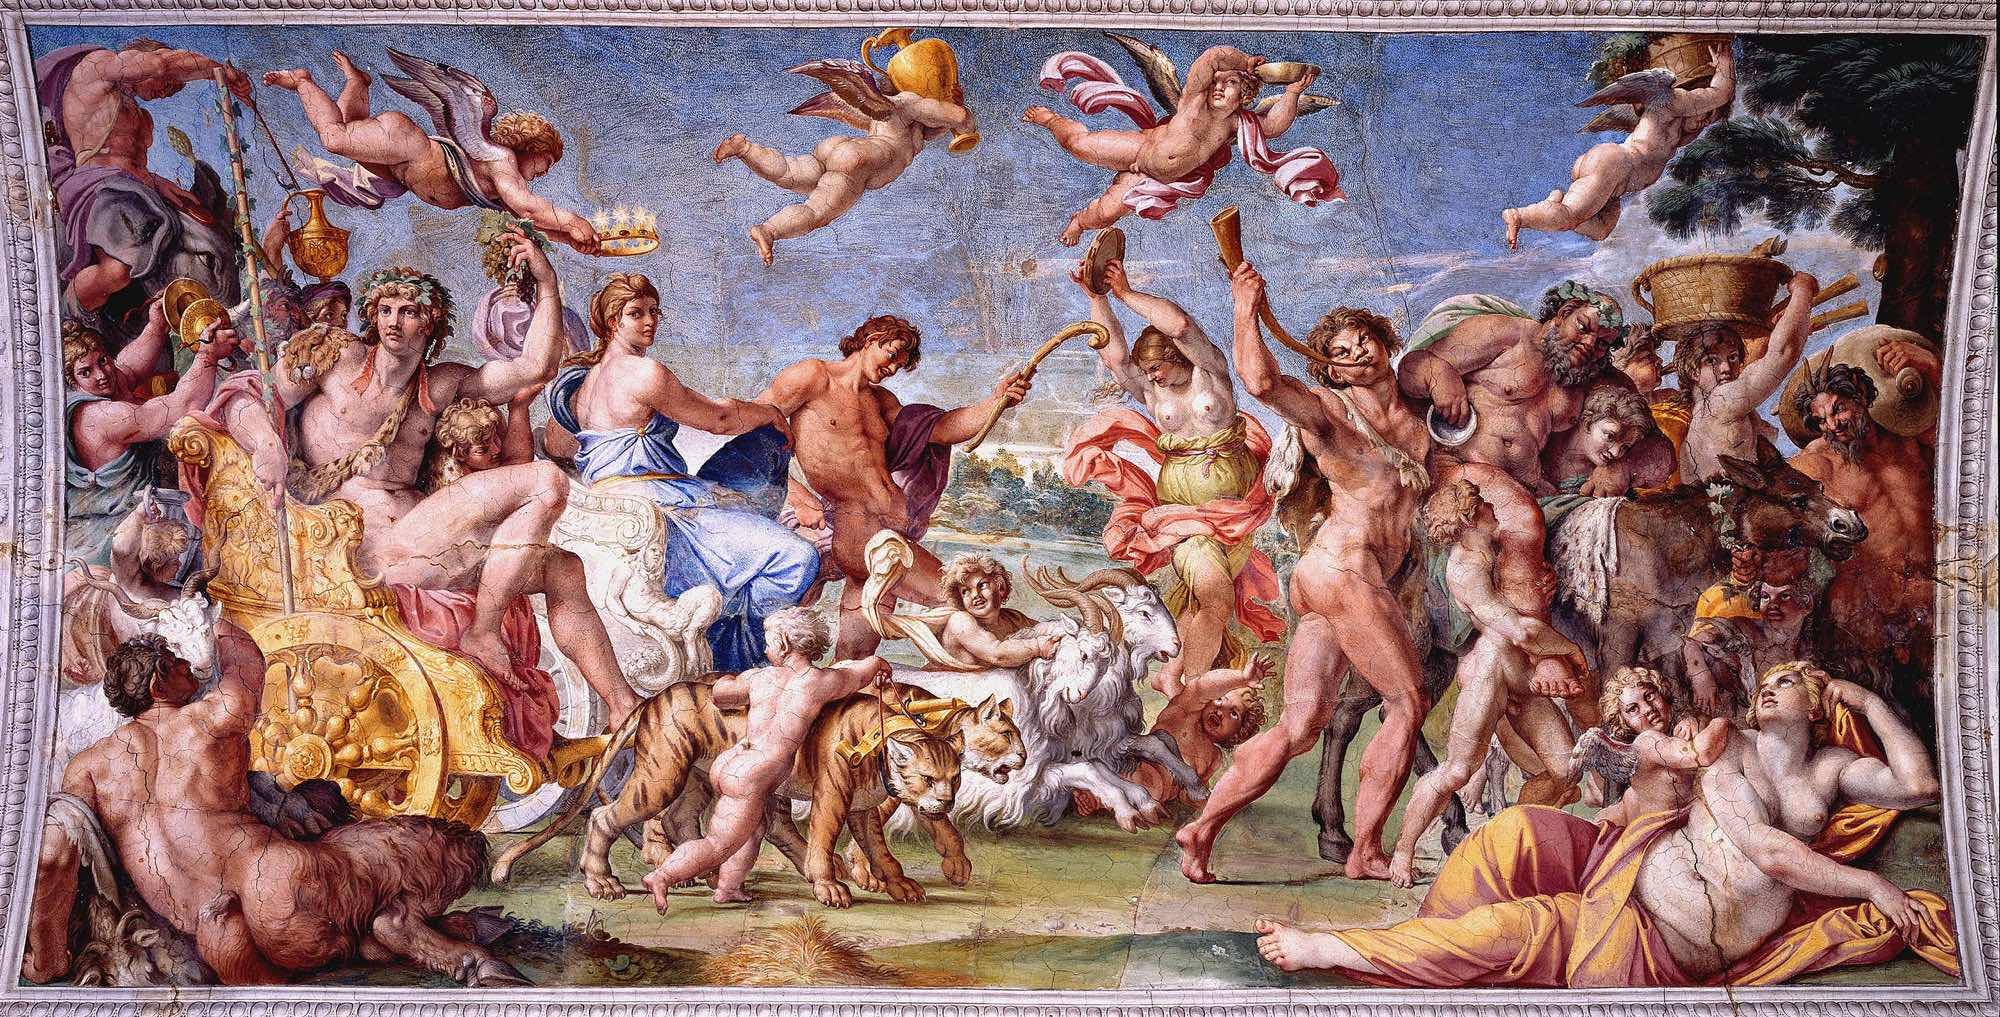 Rome_Palazzo_Farnese_ceiling_Carracci_frescos_04